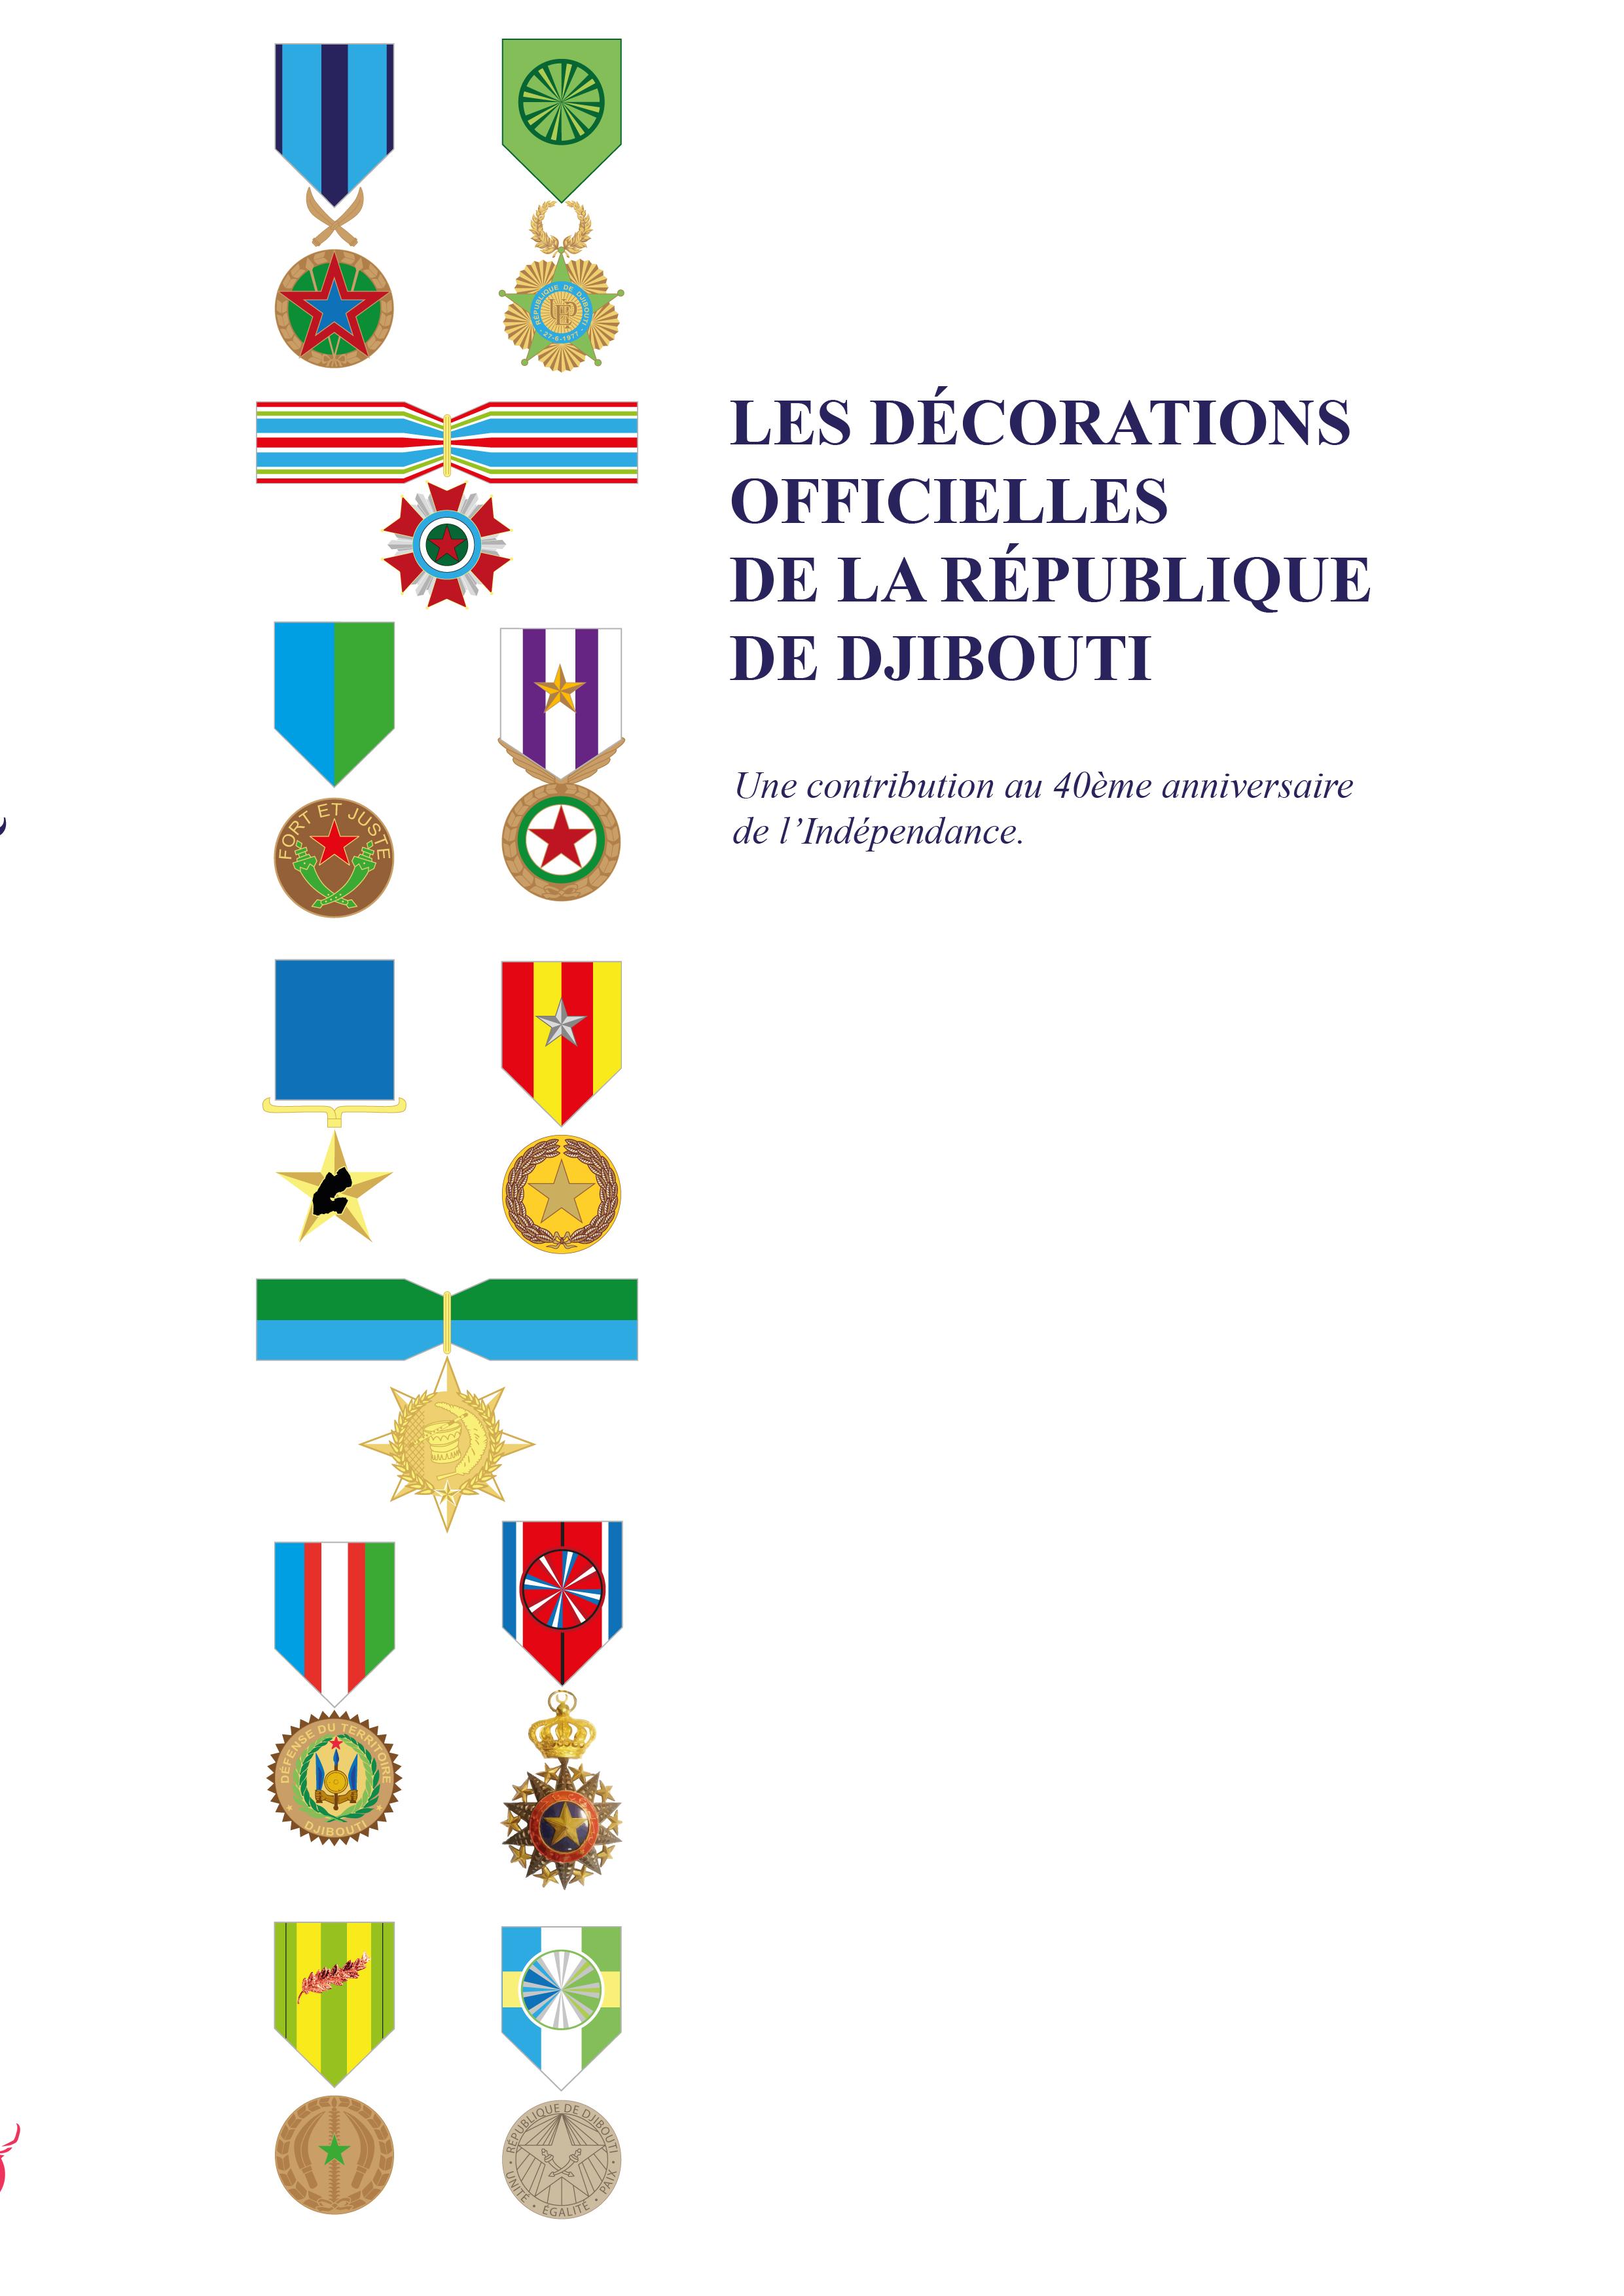 Décoration officielles Djibouti